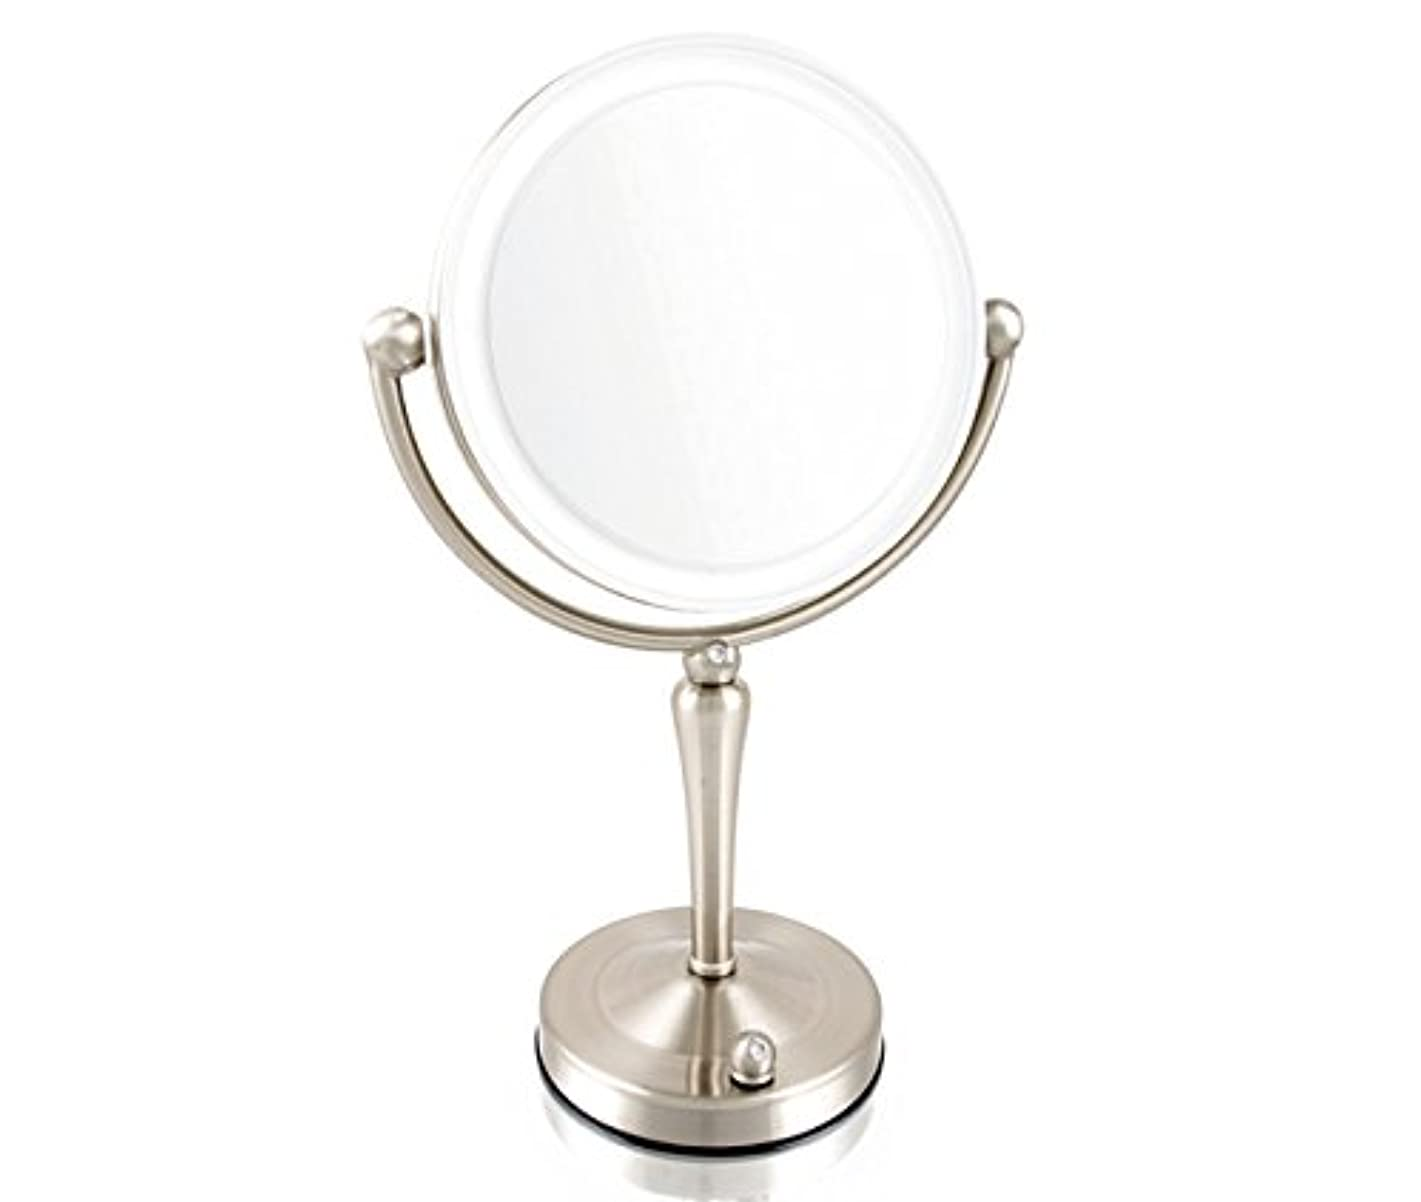 パイント文ペルソナ安もの拡大鏡とは見え方が全く違います!拡大鏡 5倍拡大+等倍鏡+LEDライト付き 真実の鏡DX 両面Z型 ブロンズ調 人気No.1両面型を真鍮仕上げとジルコニアで高級感UP。シミ?しわ?たるみ?毛穴が驚くほど良く見える拡大鏡...